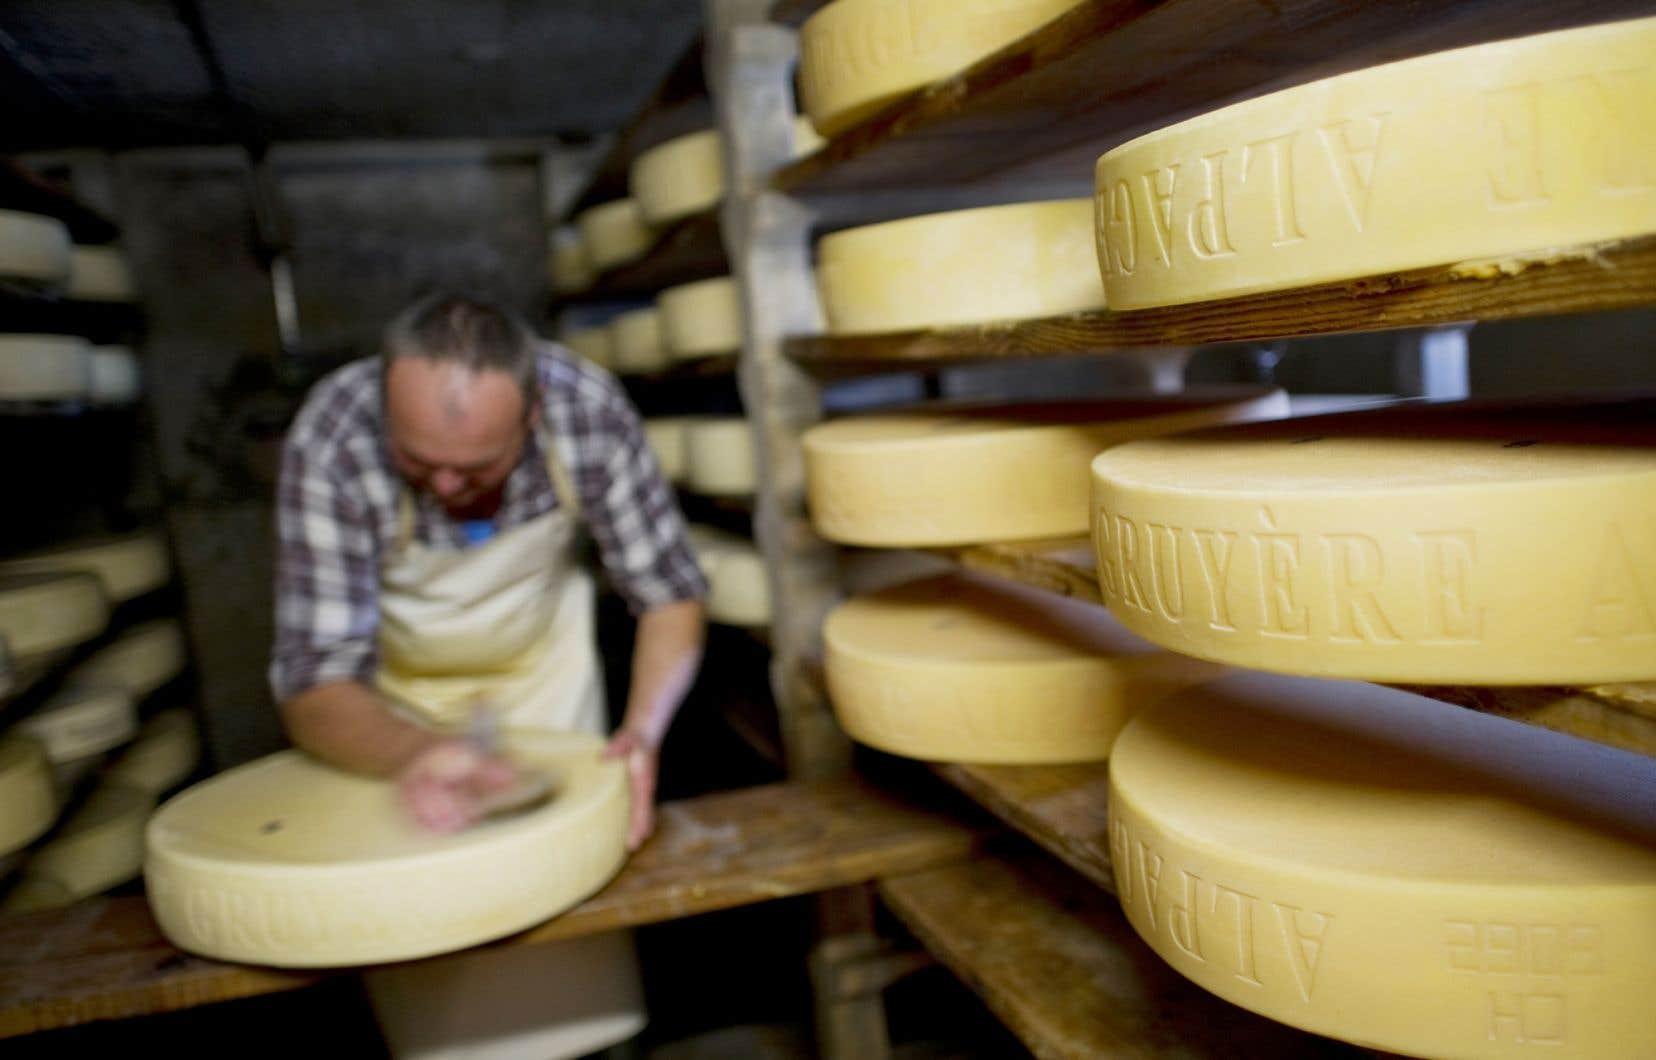 De nombreux formages importés d'Europe au Canada ne répondent déjà pas aux normes sanitaires canadiennes, font remarquer les fromagers québécois dans le mémoire qu'ils ont présenté au début de l'été au gouvernement fédéral.